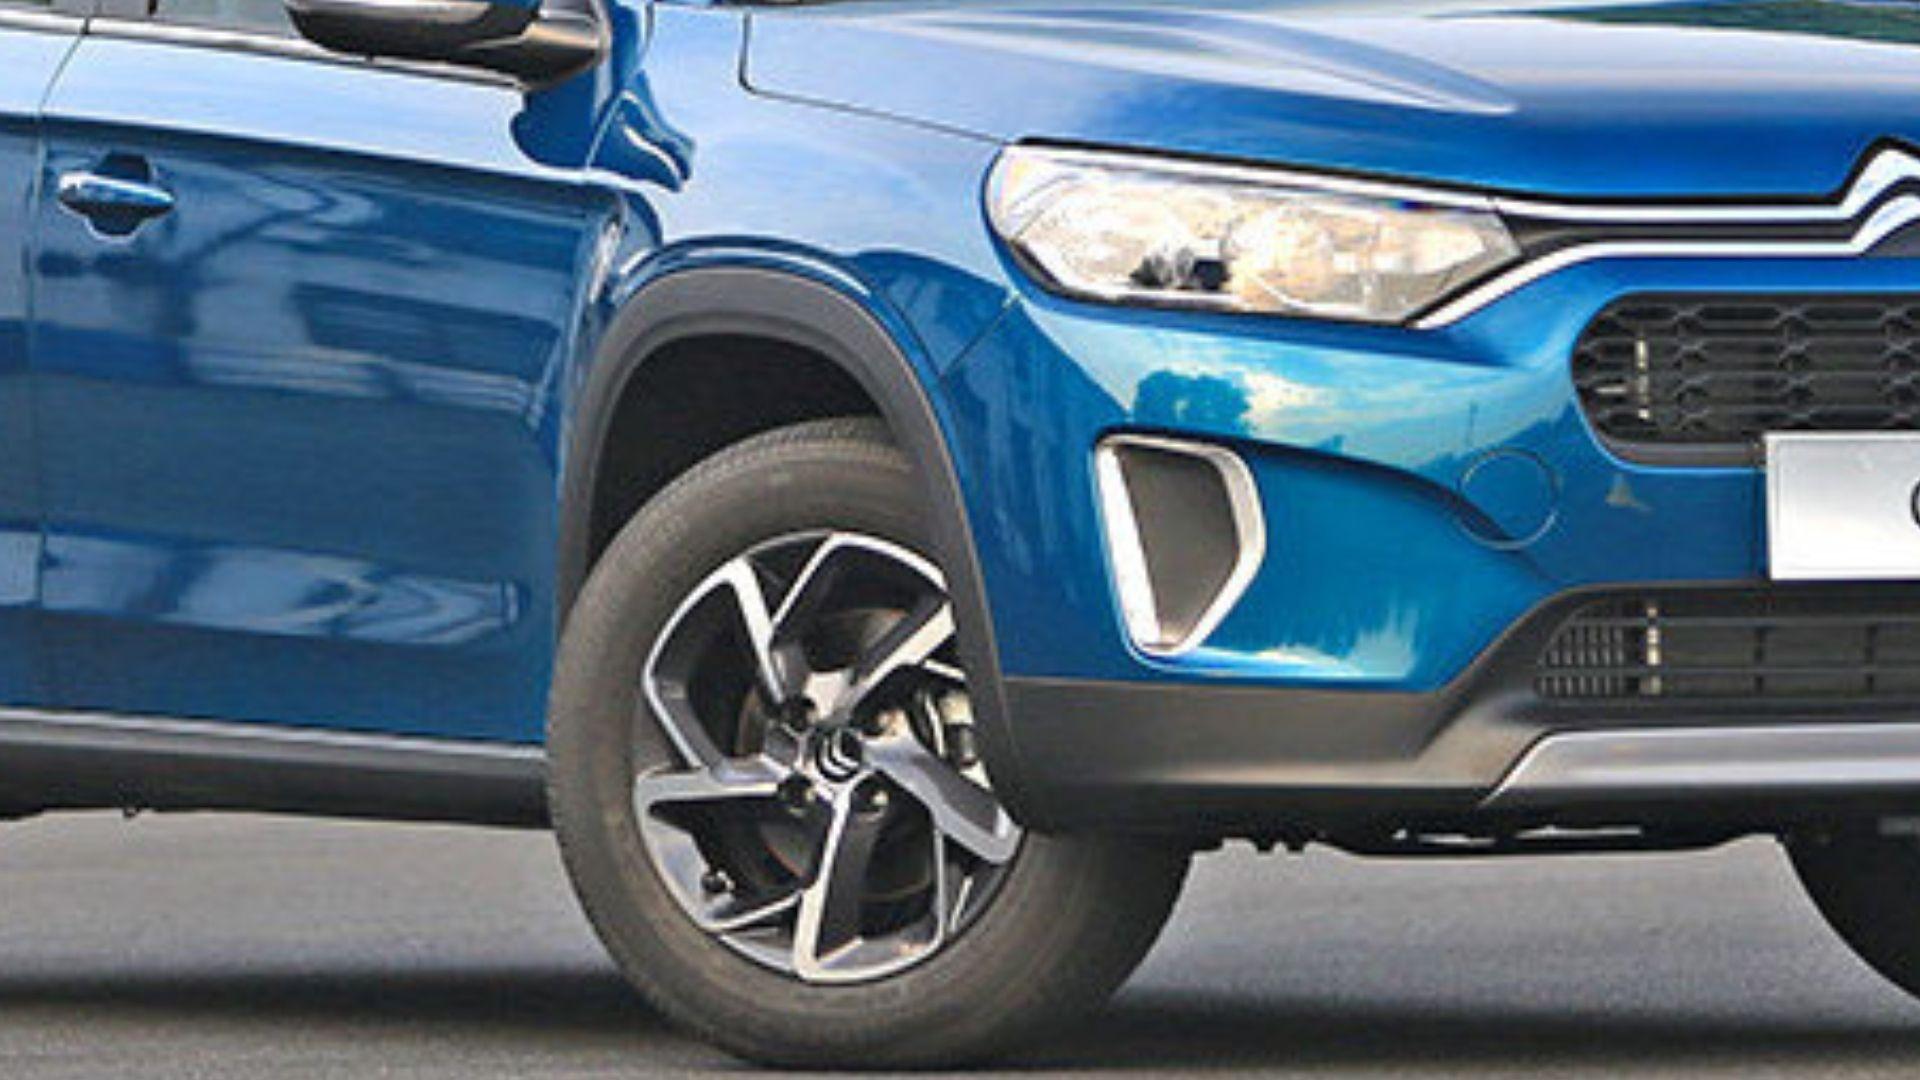 Citroën registra un nuevo sedán en Argentina, ¿será producido en Brasil?